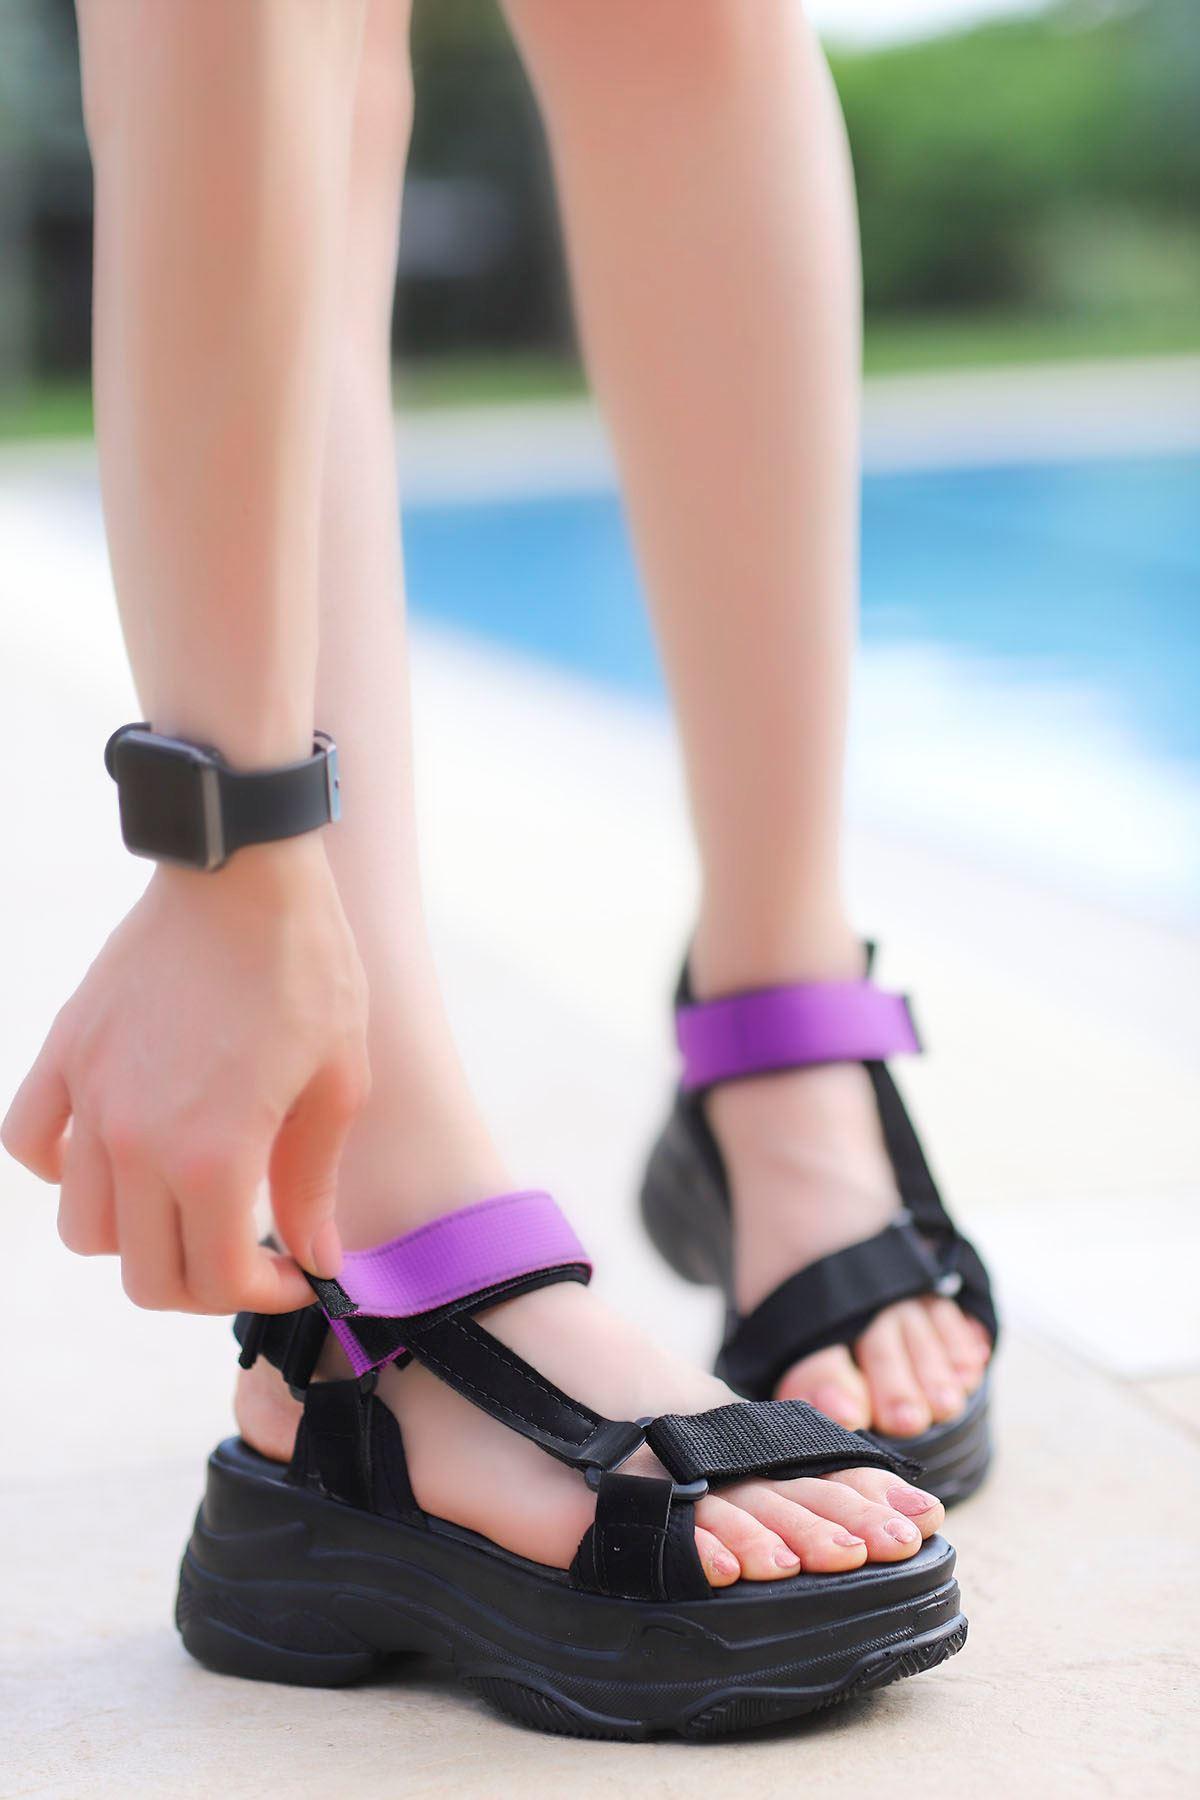 Rafael Dolgu Taban Sandalet Siyah-Mor